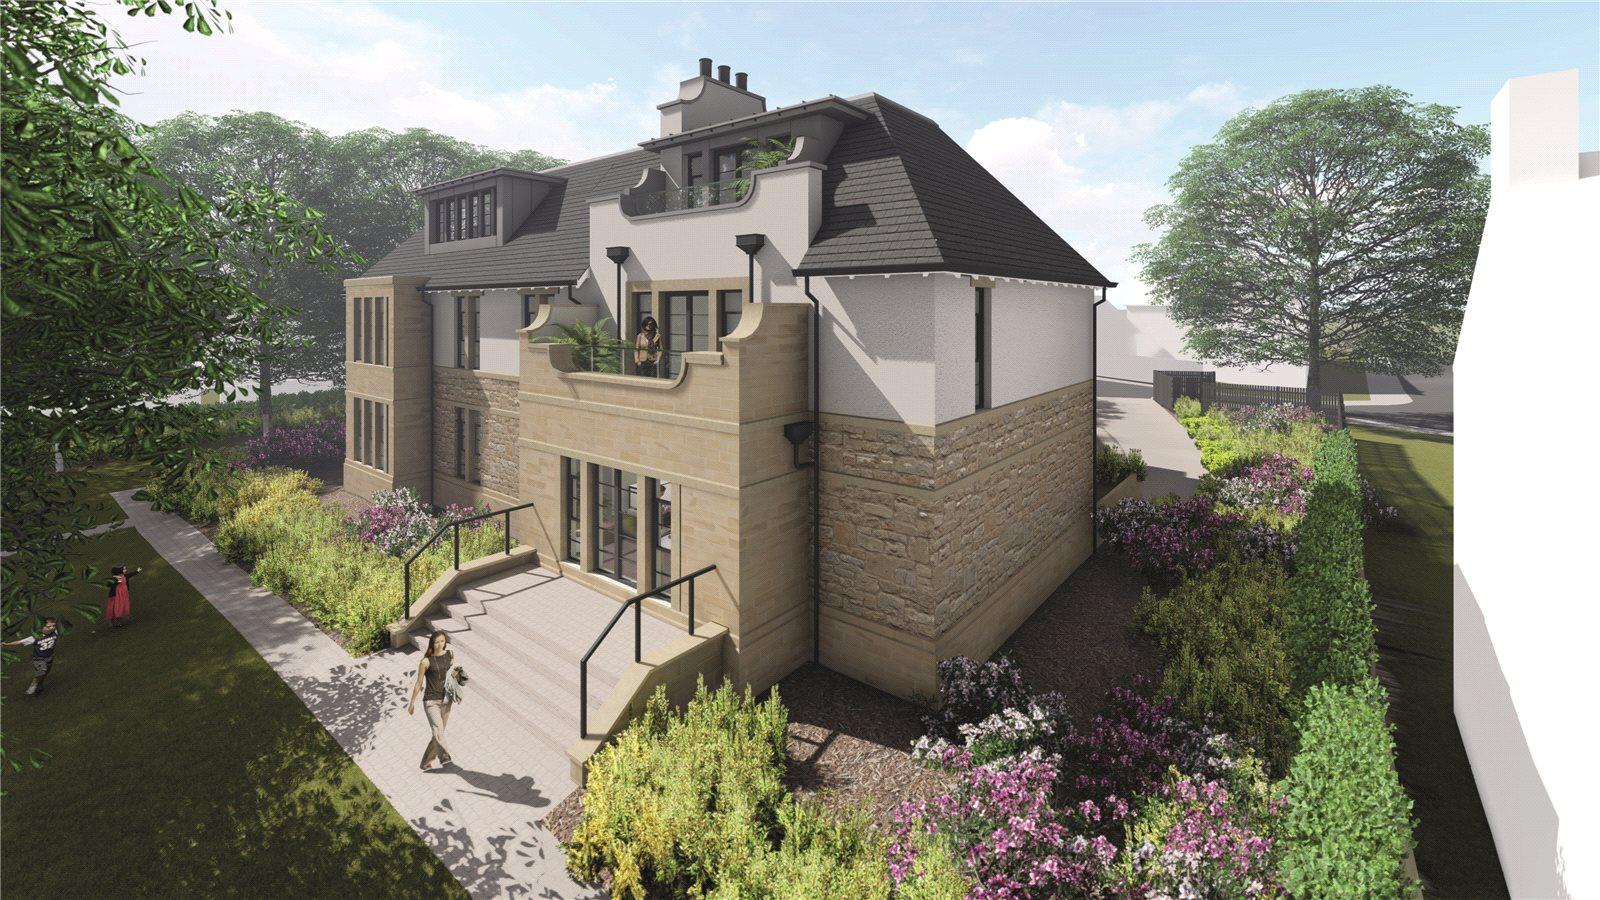 Appartementen voor Verkoop een t Greystoke Apartments, Kings Avenue, Morpeth, Northumberland, NE61 Morpeth, Engeland